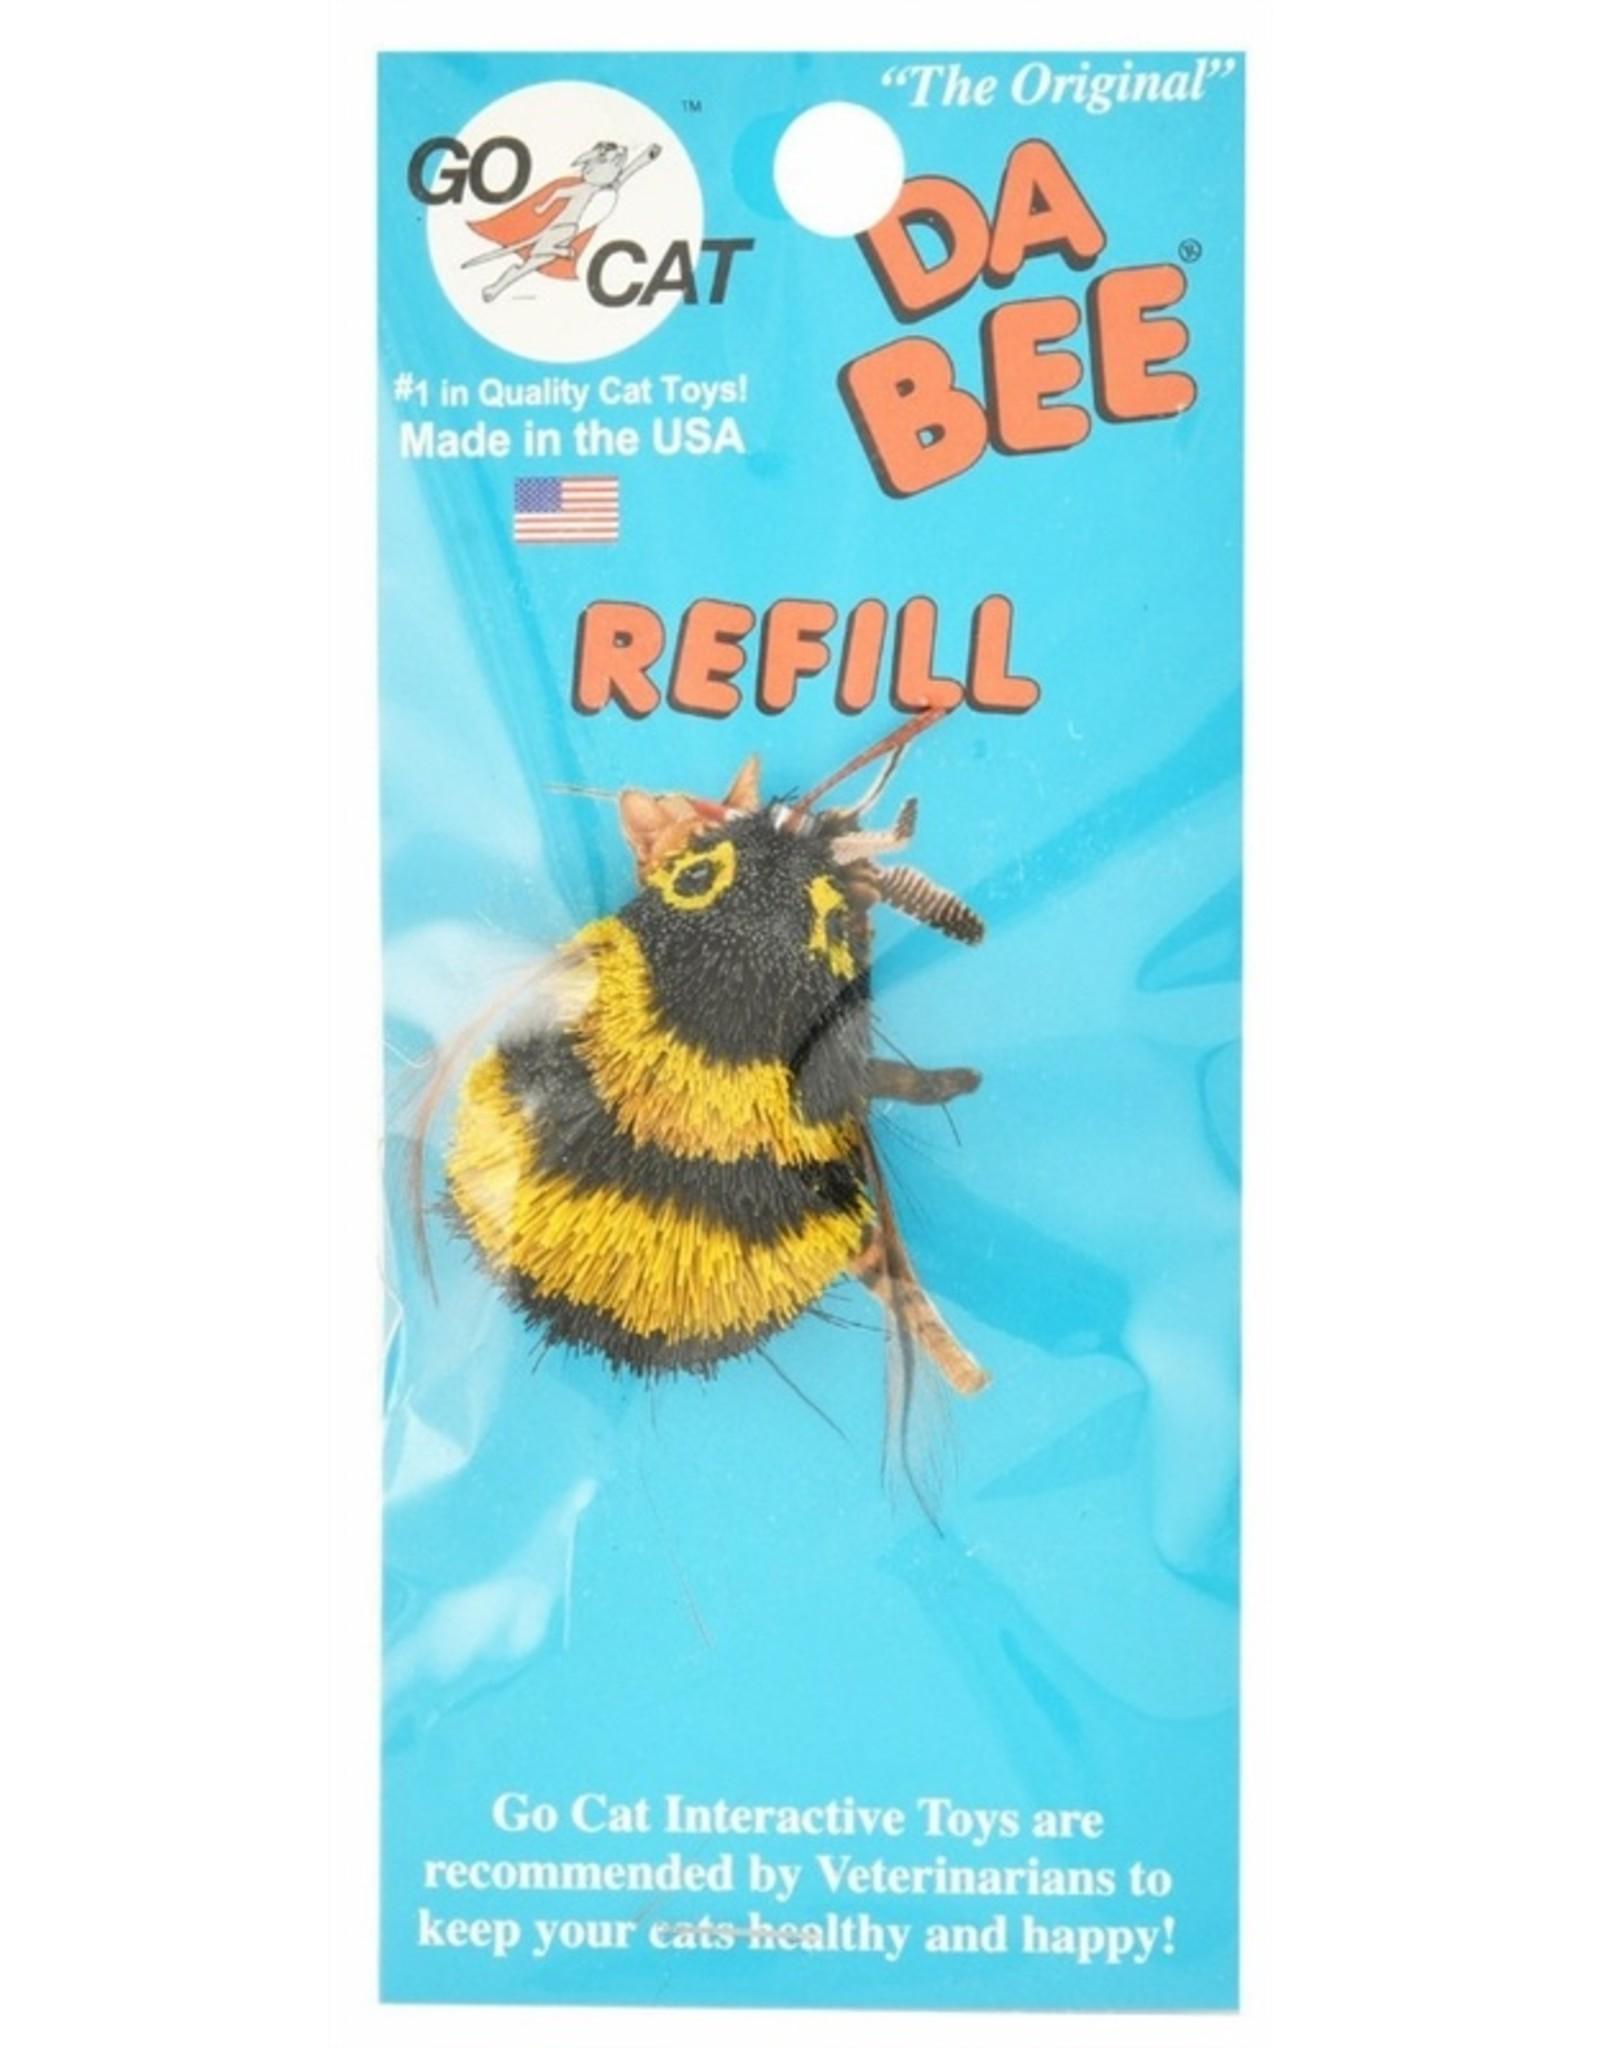 Go Cat Go Cat Da Bee Refill